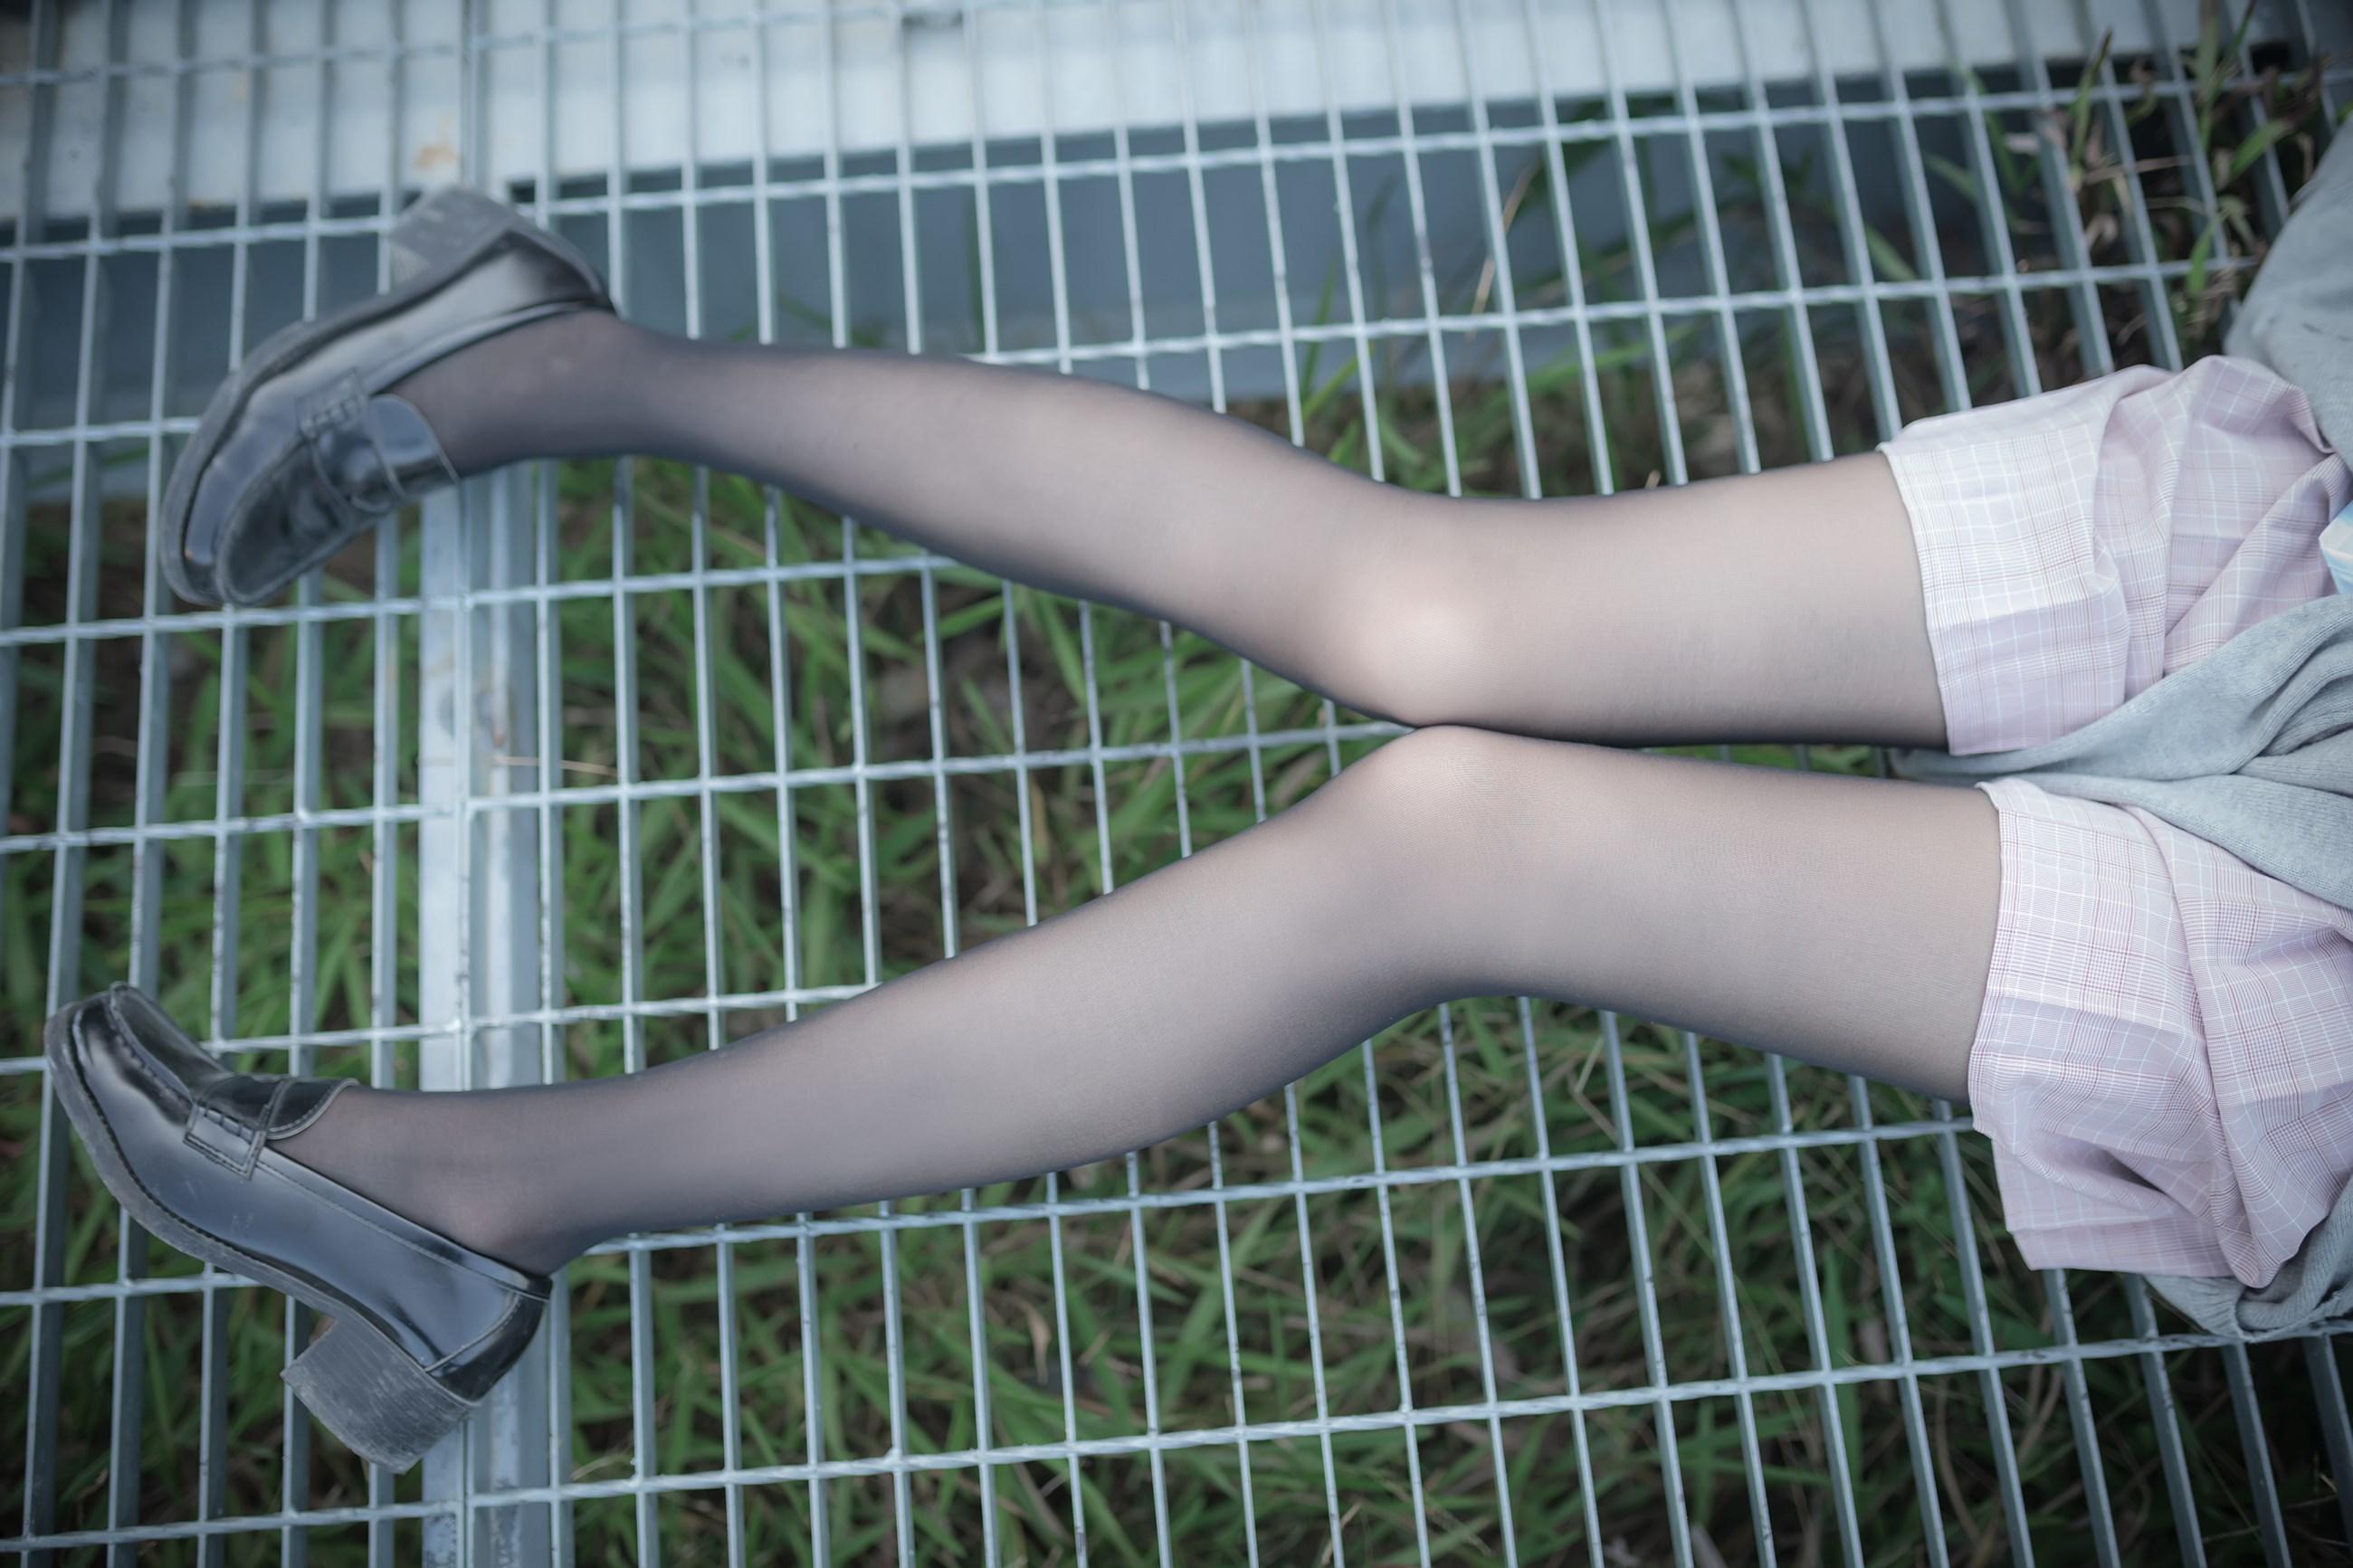 【兔玩映画】铁轨旁的小细腿 兔玩映画 第36张